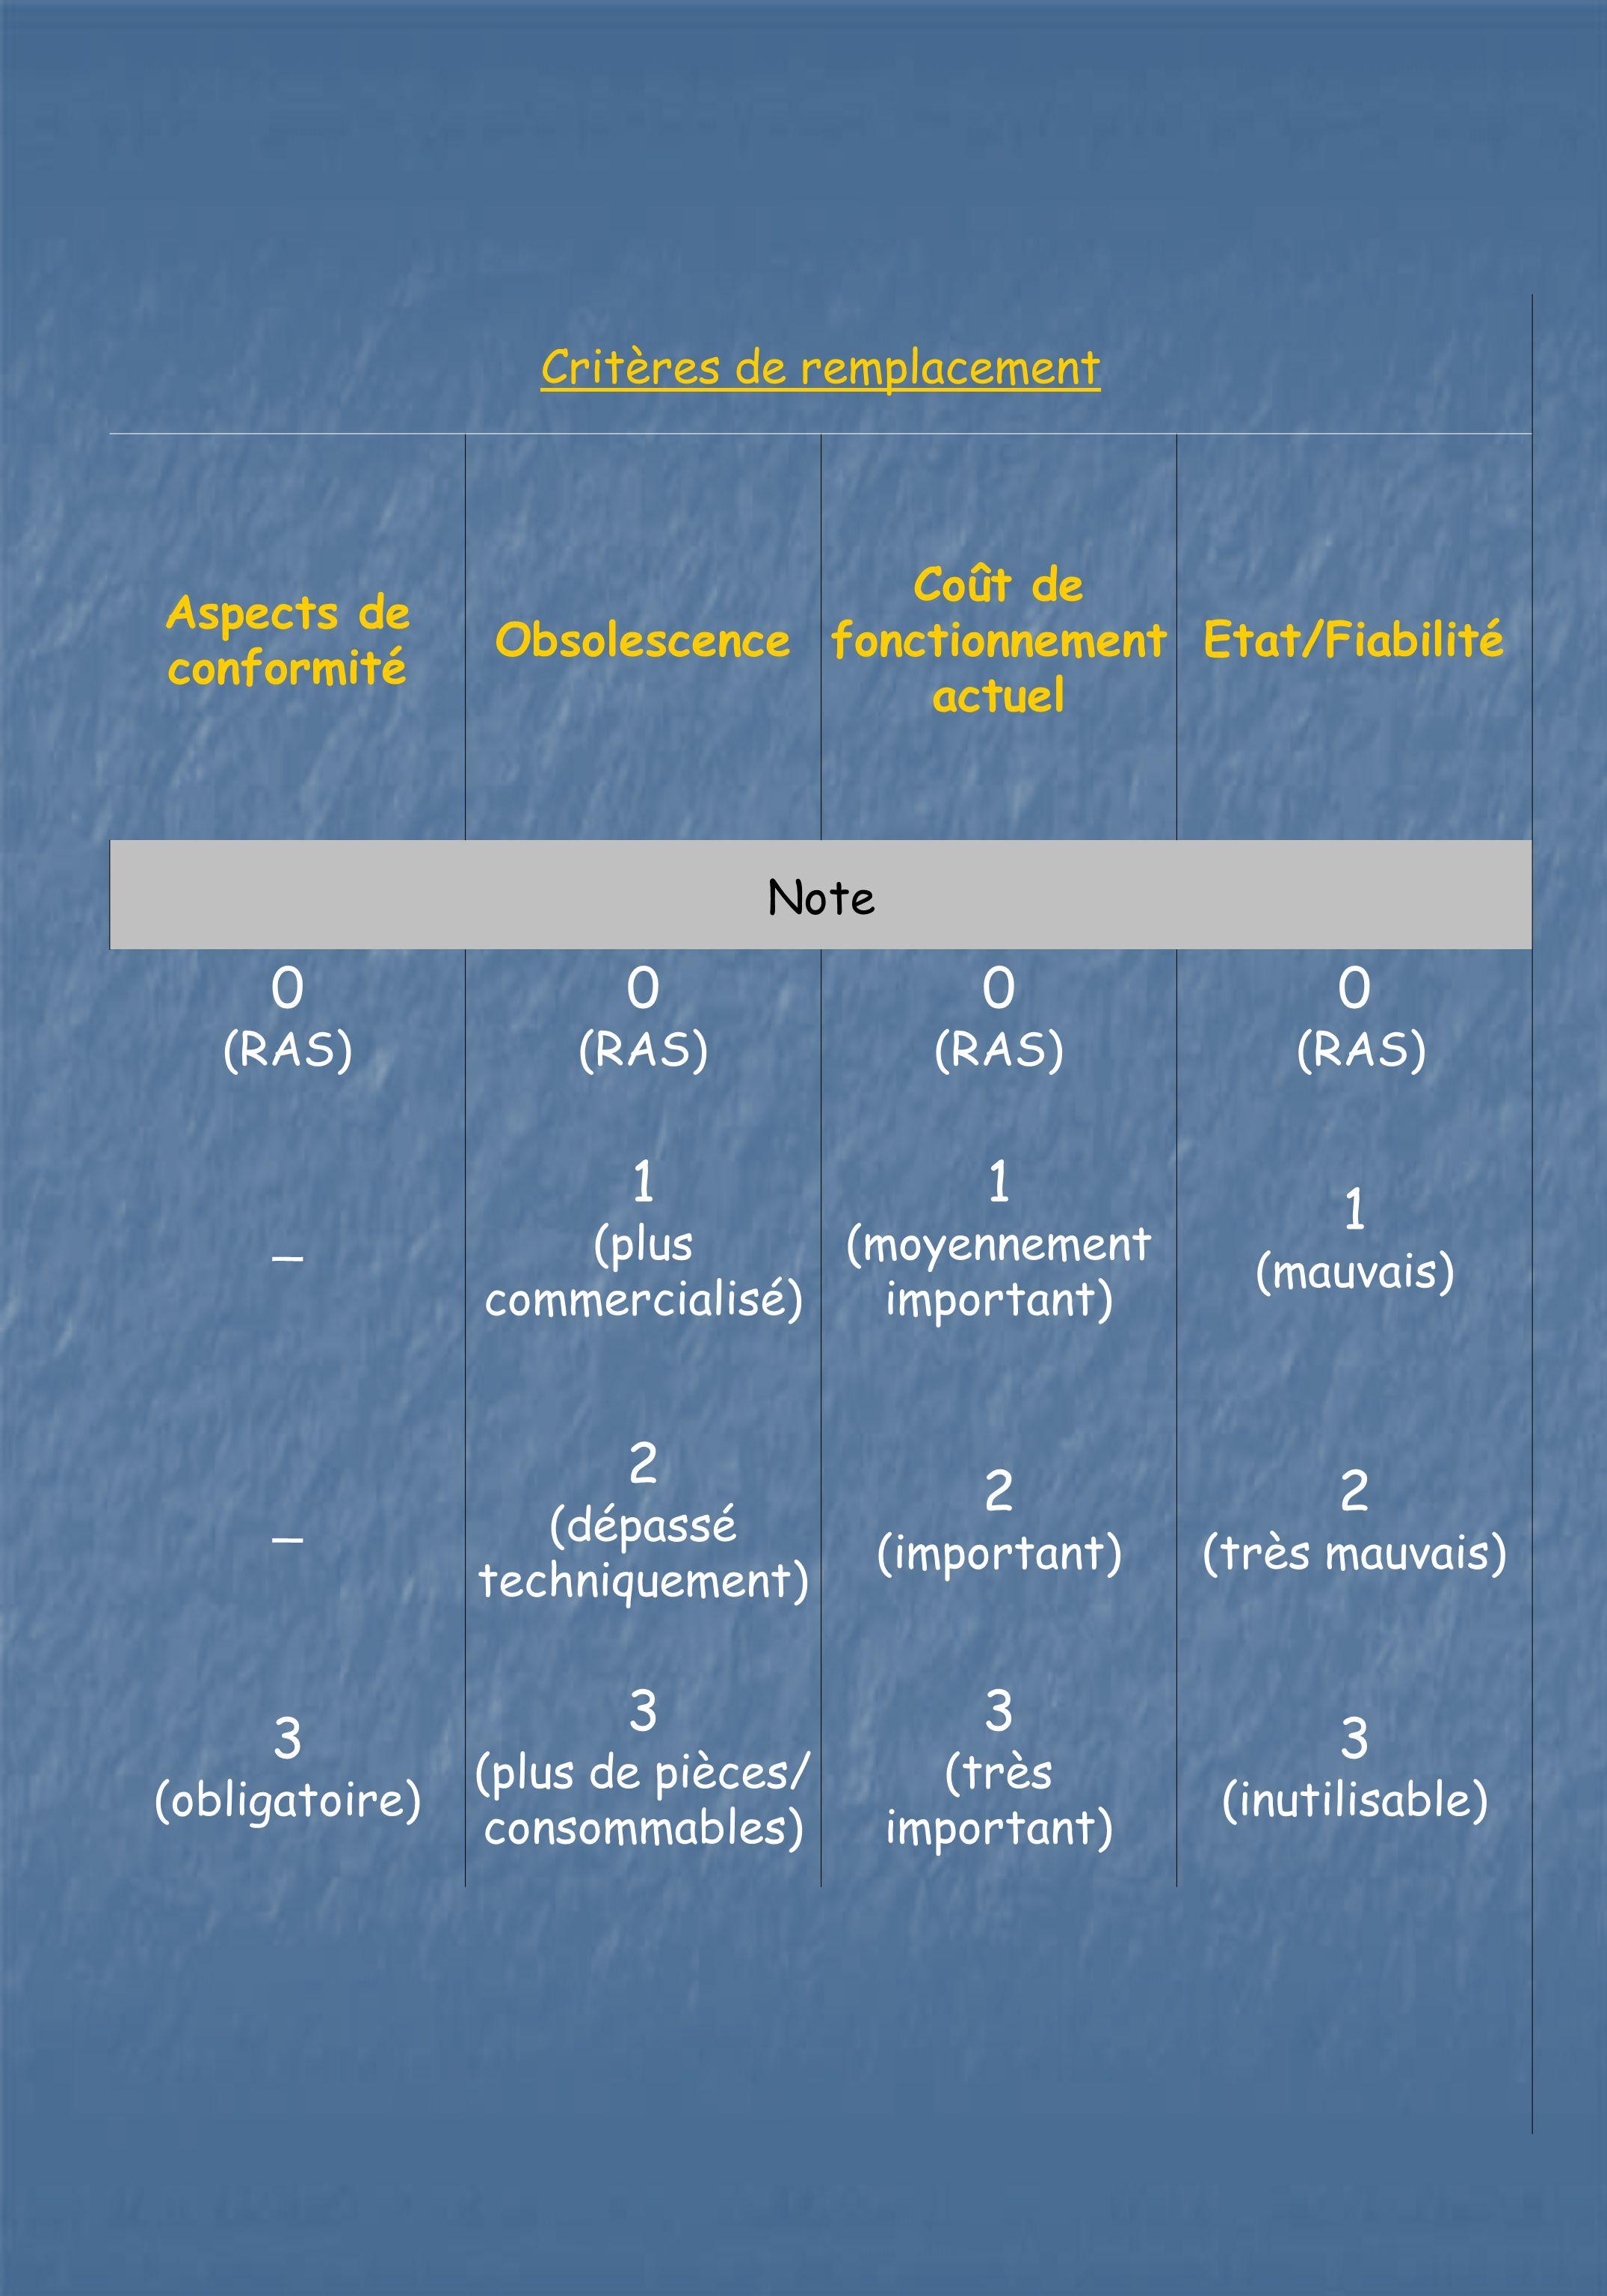 Critères de remplacement Aspects de conformité Obsolescence Coût de fonctionnement actuel Etat/Fiabilité Note 0 (RAS) 0 (RAS) 0 (RAS) 0 (RAS) _ 1 (plu